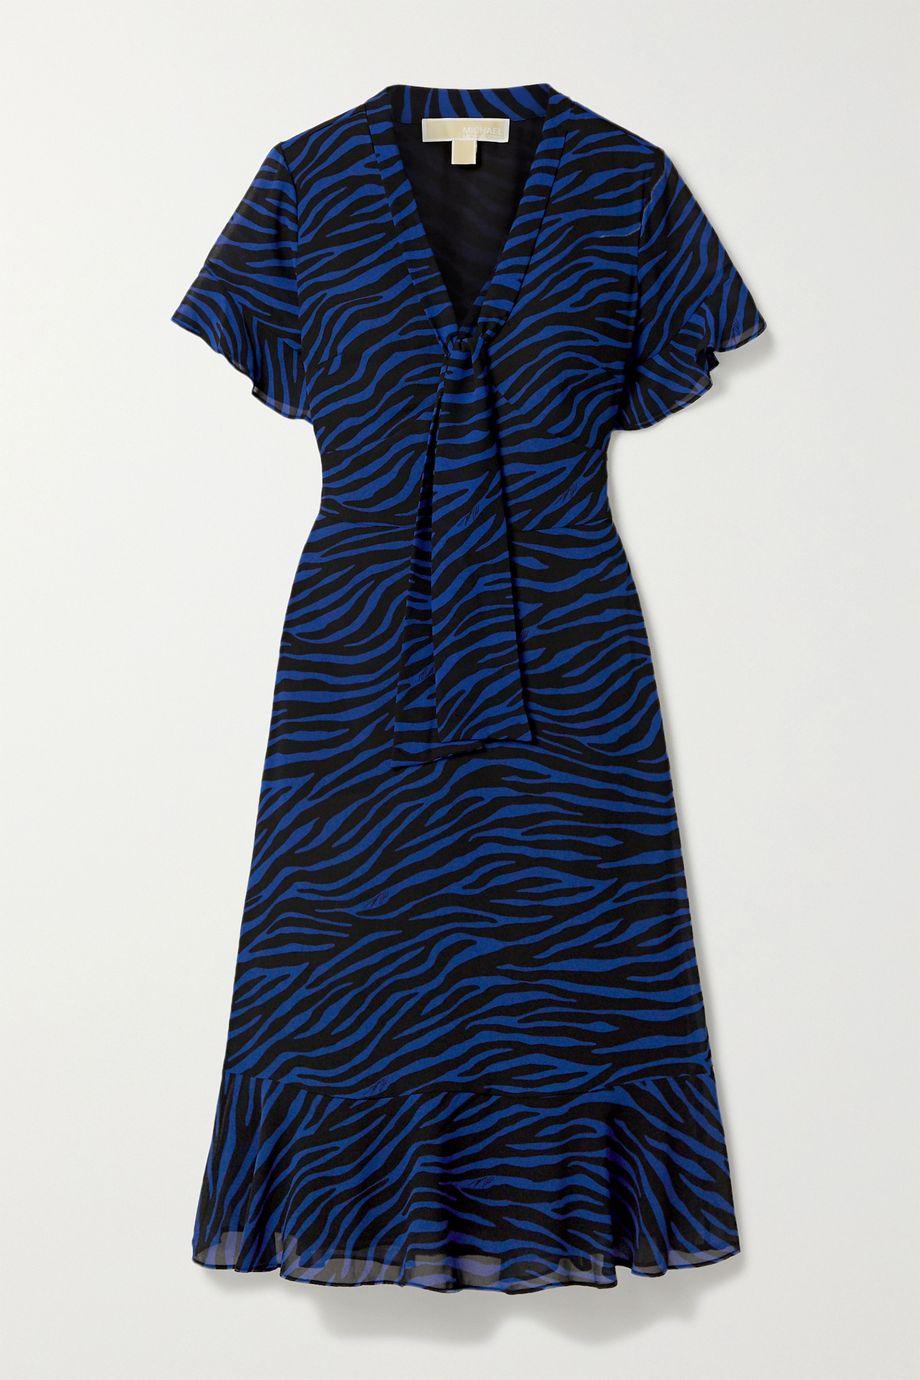 마이클 마이클 코어스 러플 미디 원피스 Michael Michael Kors Pussy-bow ruffled zebra-print georgette midi dress,Royal blue